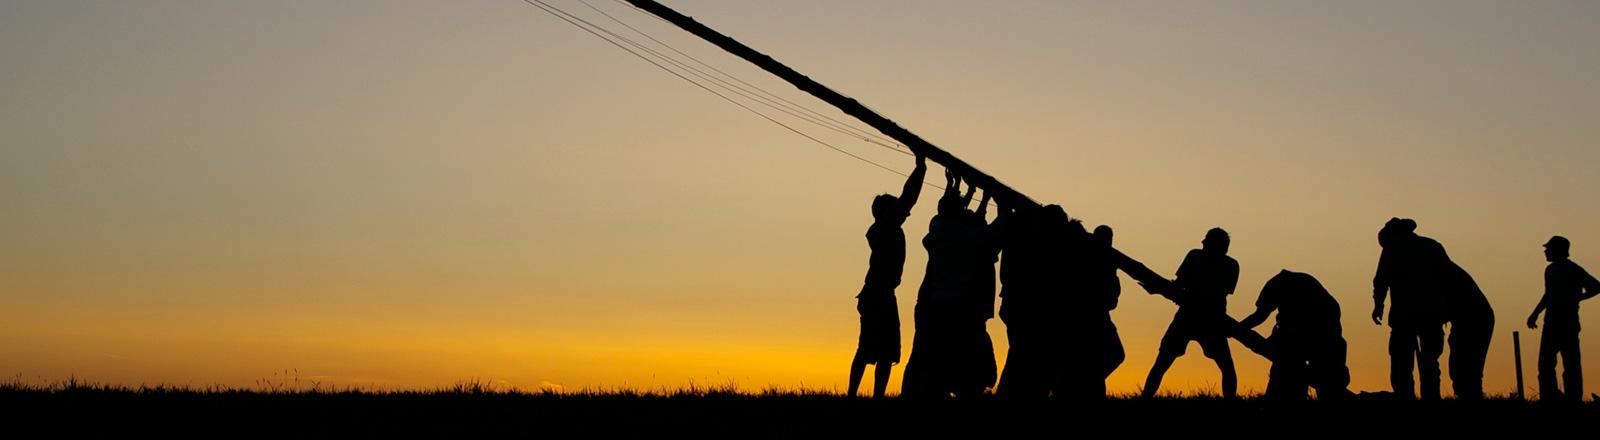 Mehrere Menschen richten gemeinsam einen Mast auf.